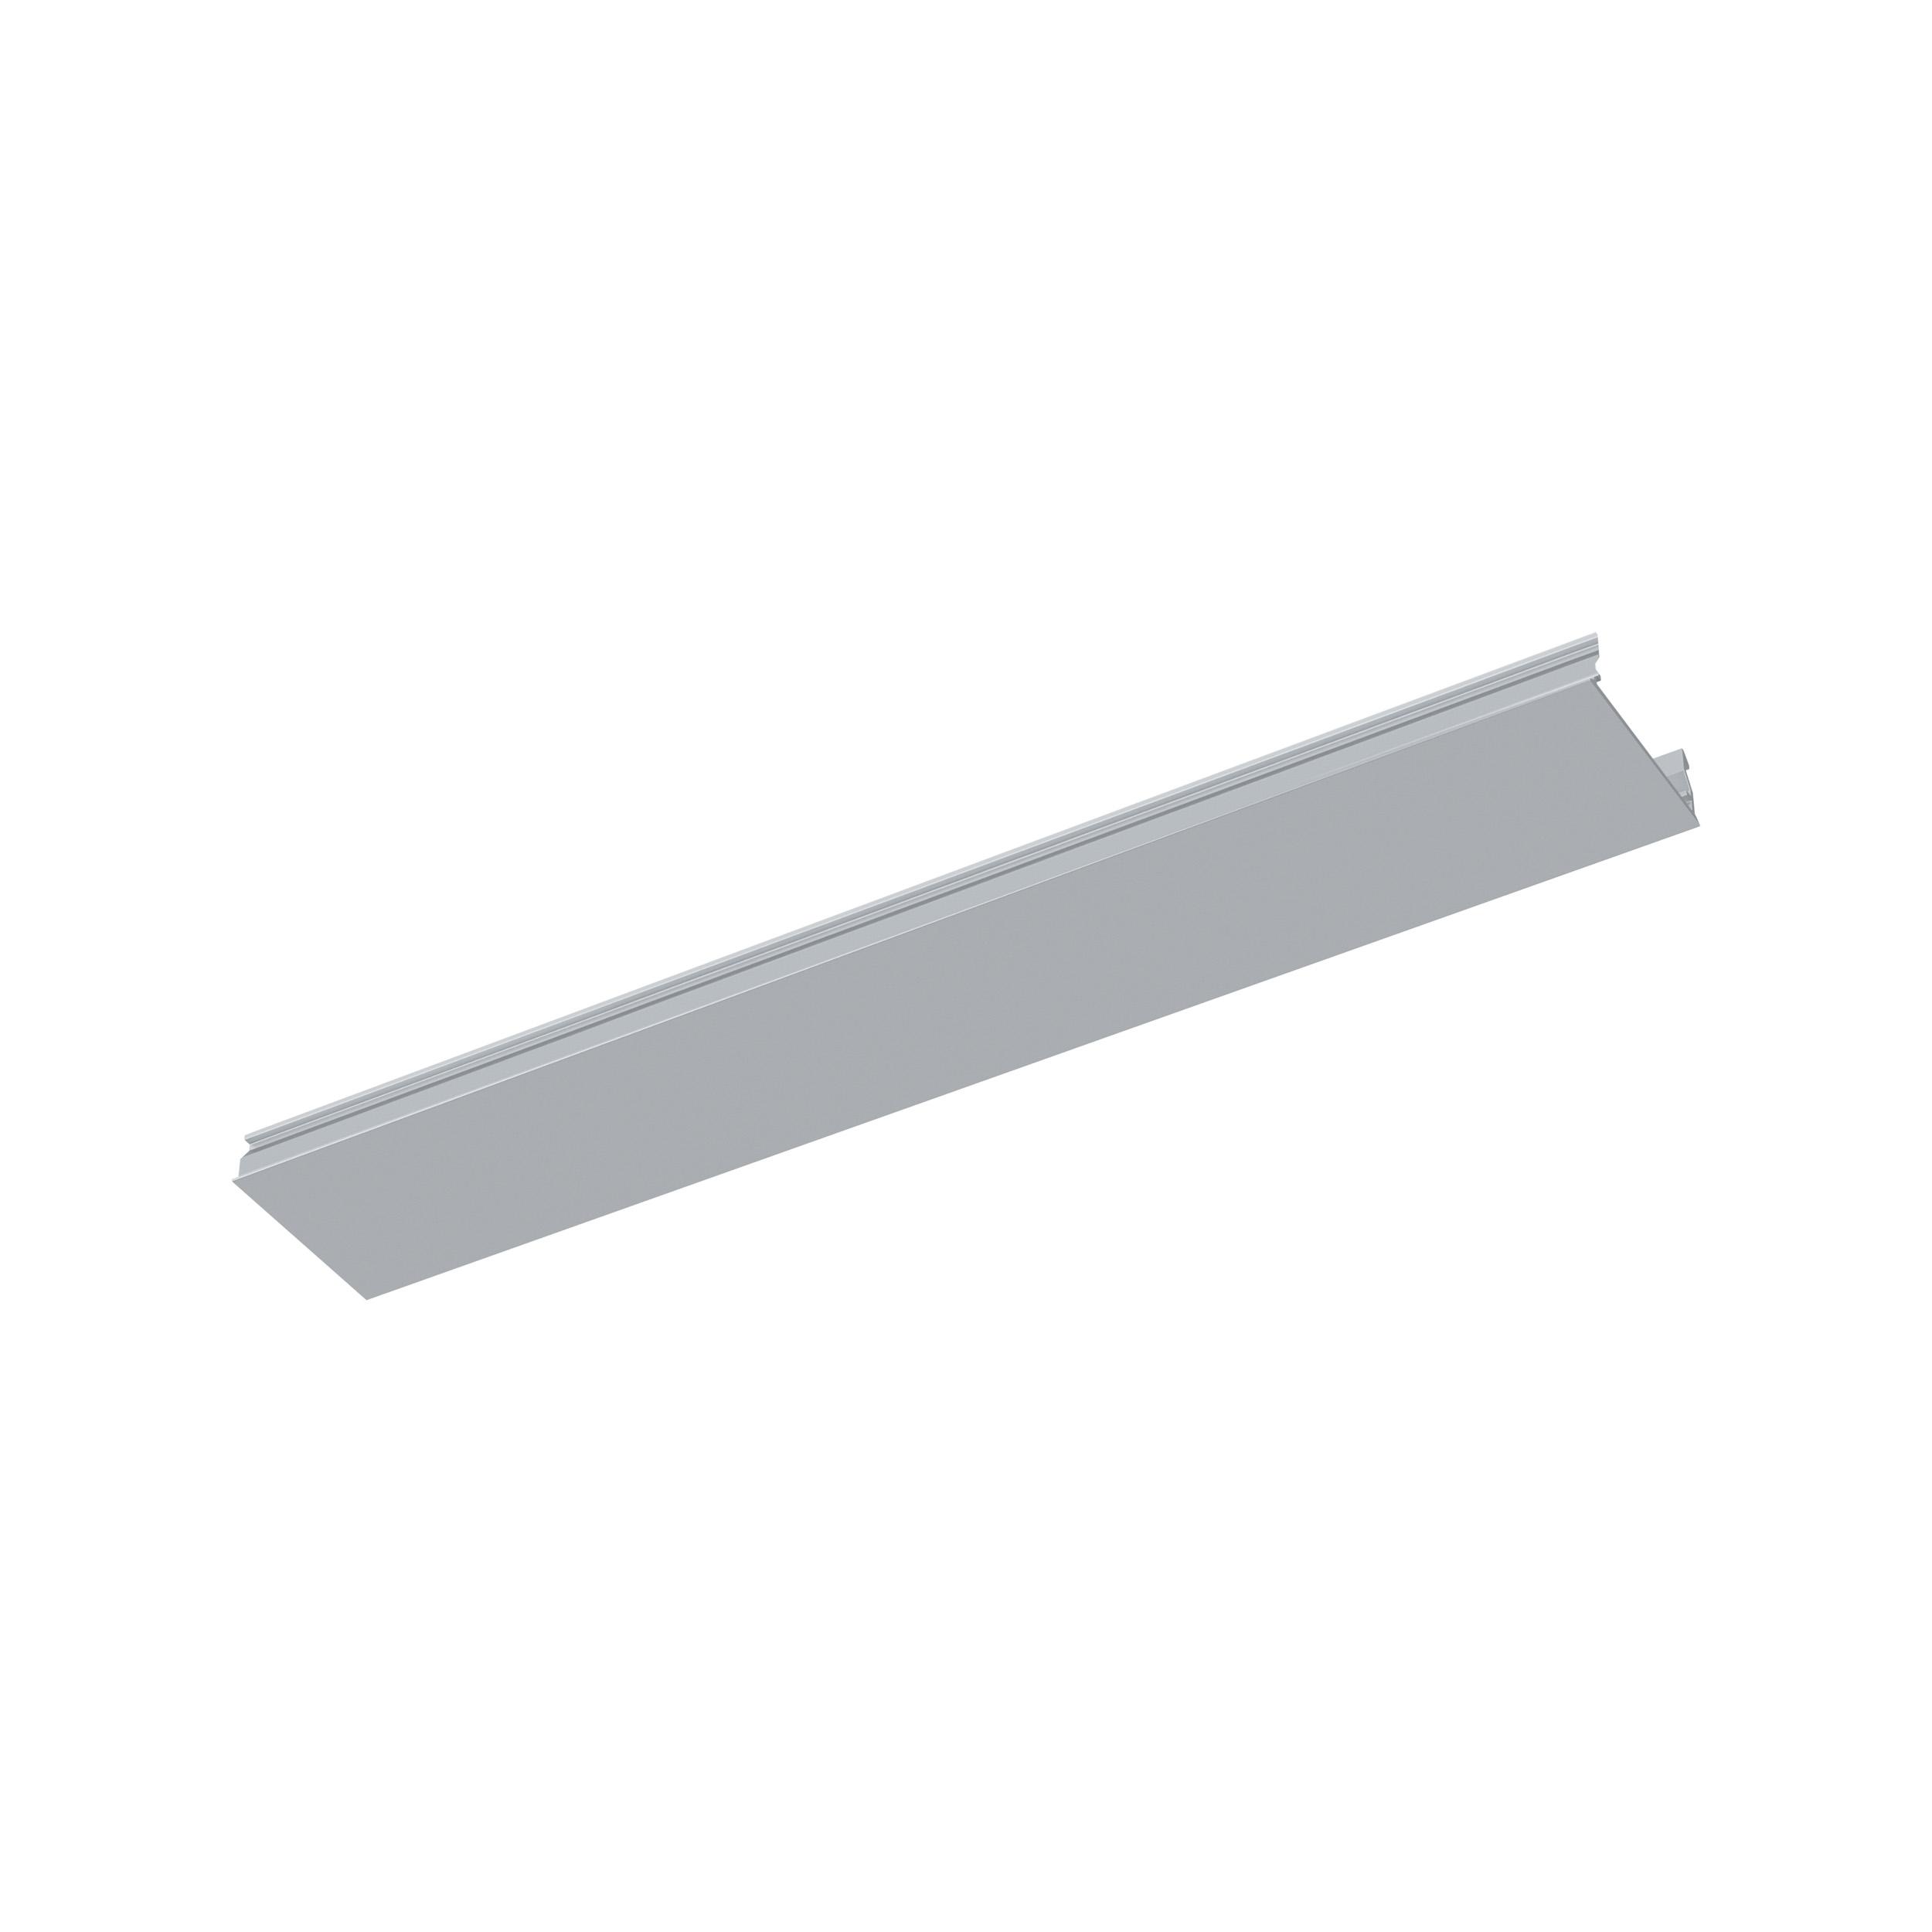 1 Stk Abdeckung Aluminium eloxiert, L-285mm LI65336---